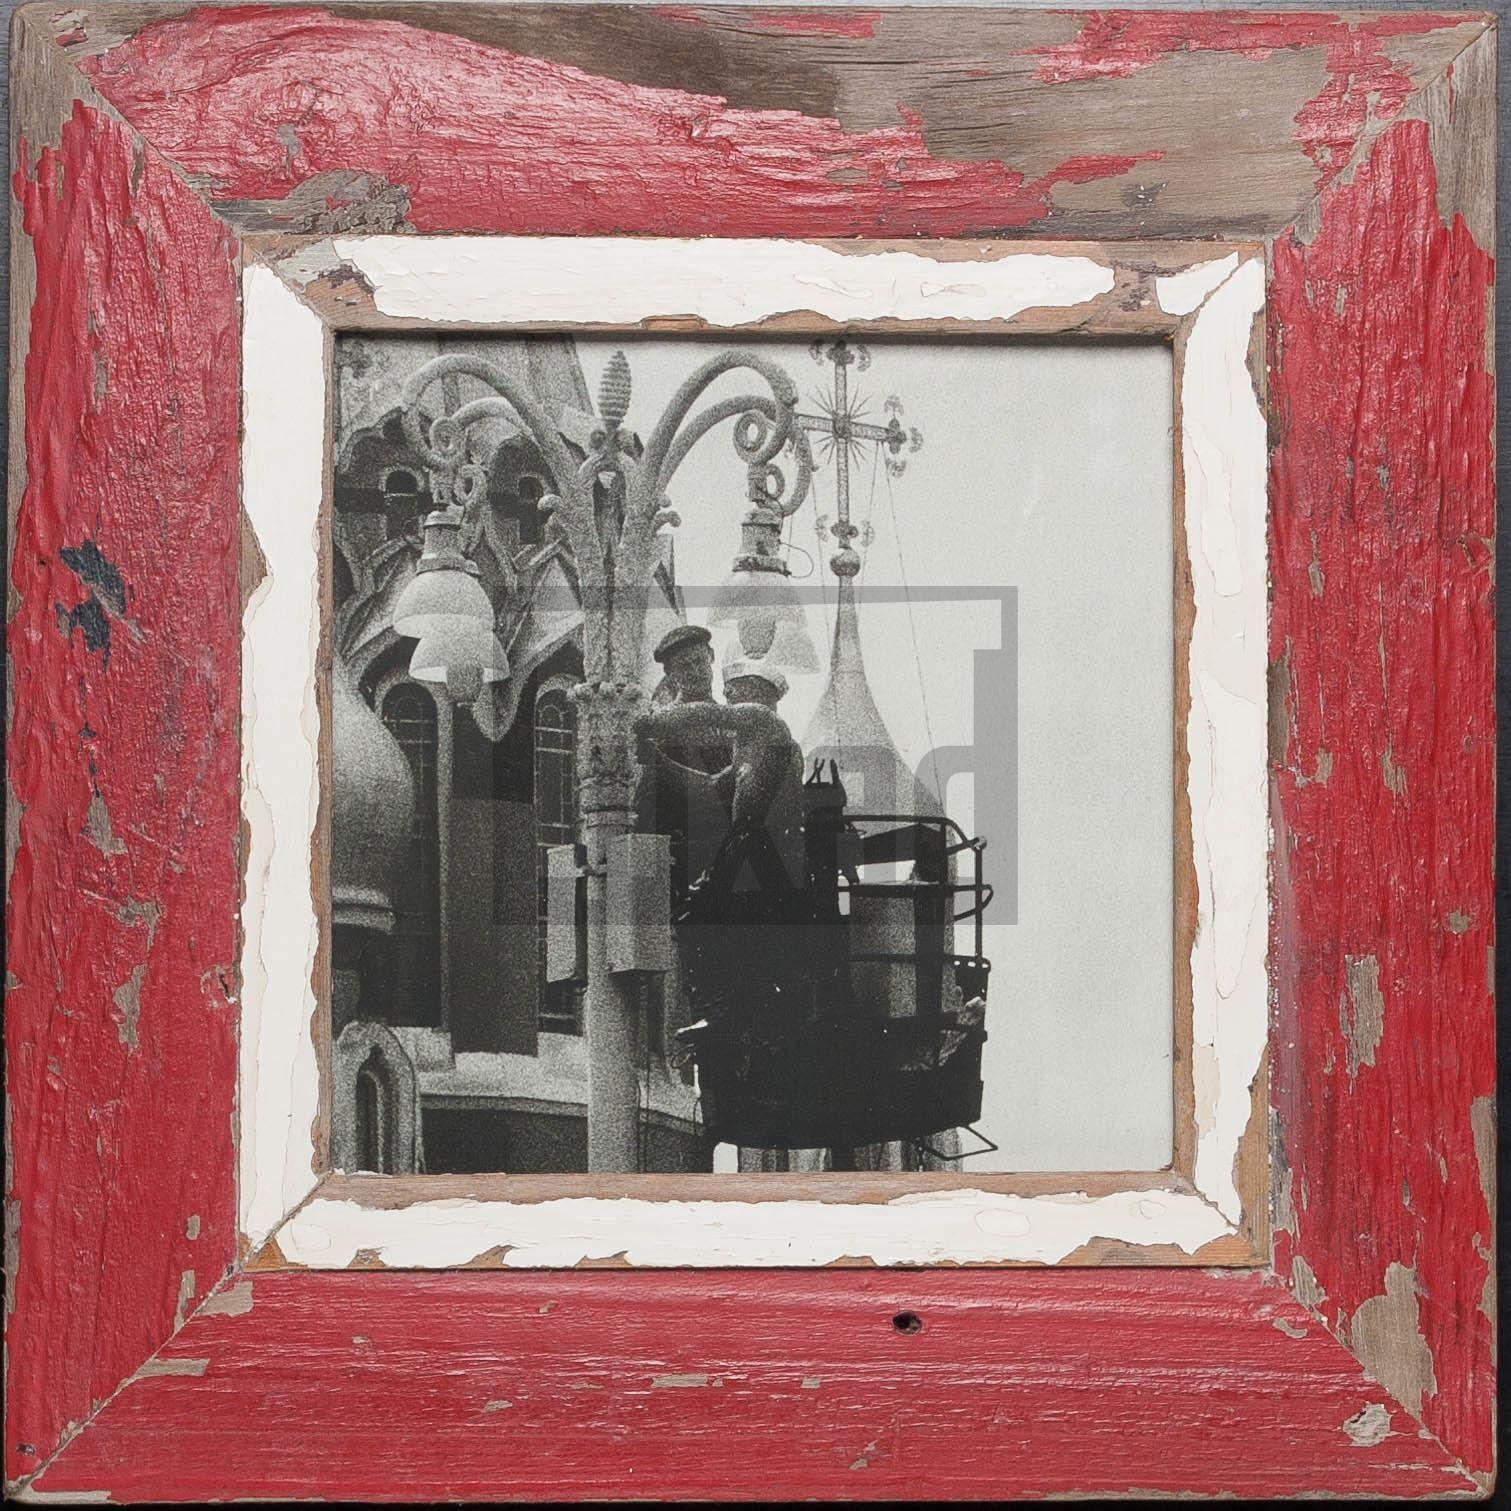 Quadratischer Vintage-Bilderrahmen von der Luna Design Company